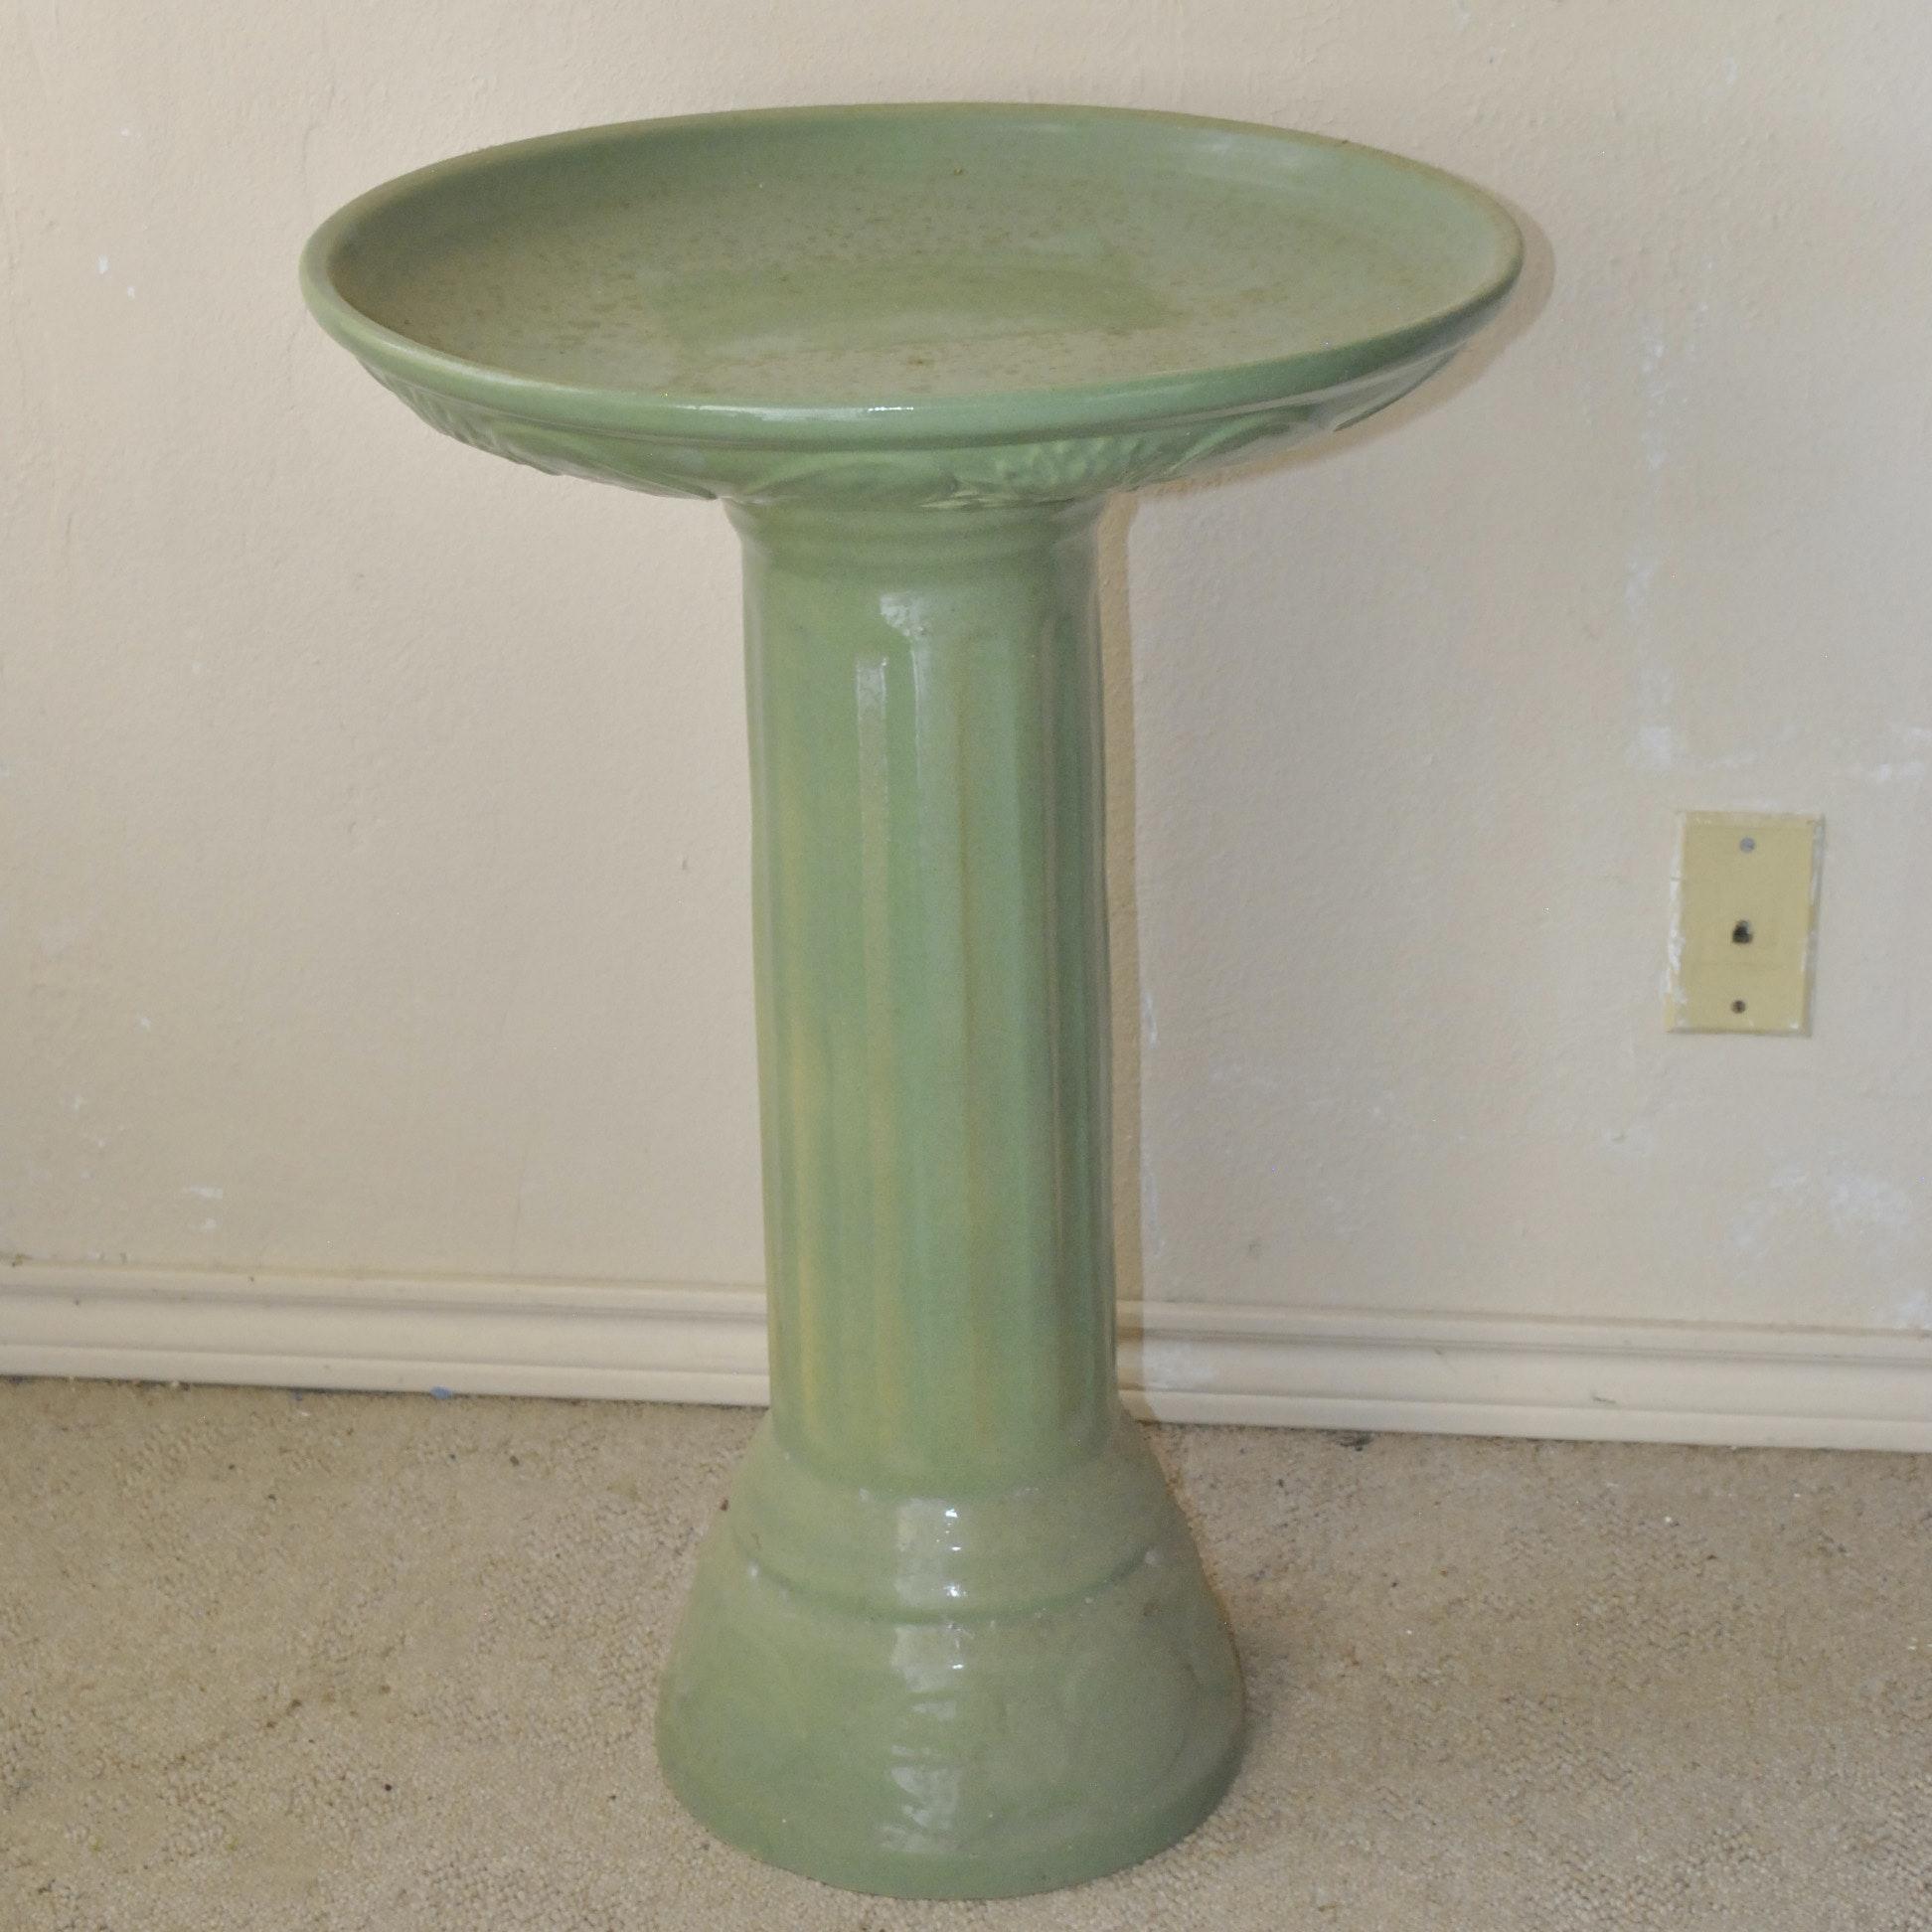 Glazed Green Ceramic Bird Bath